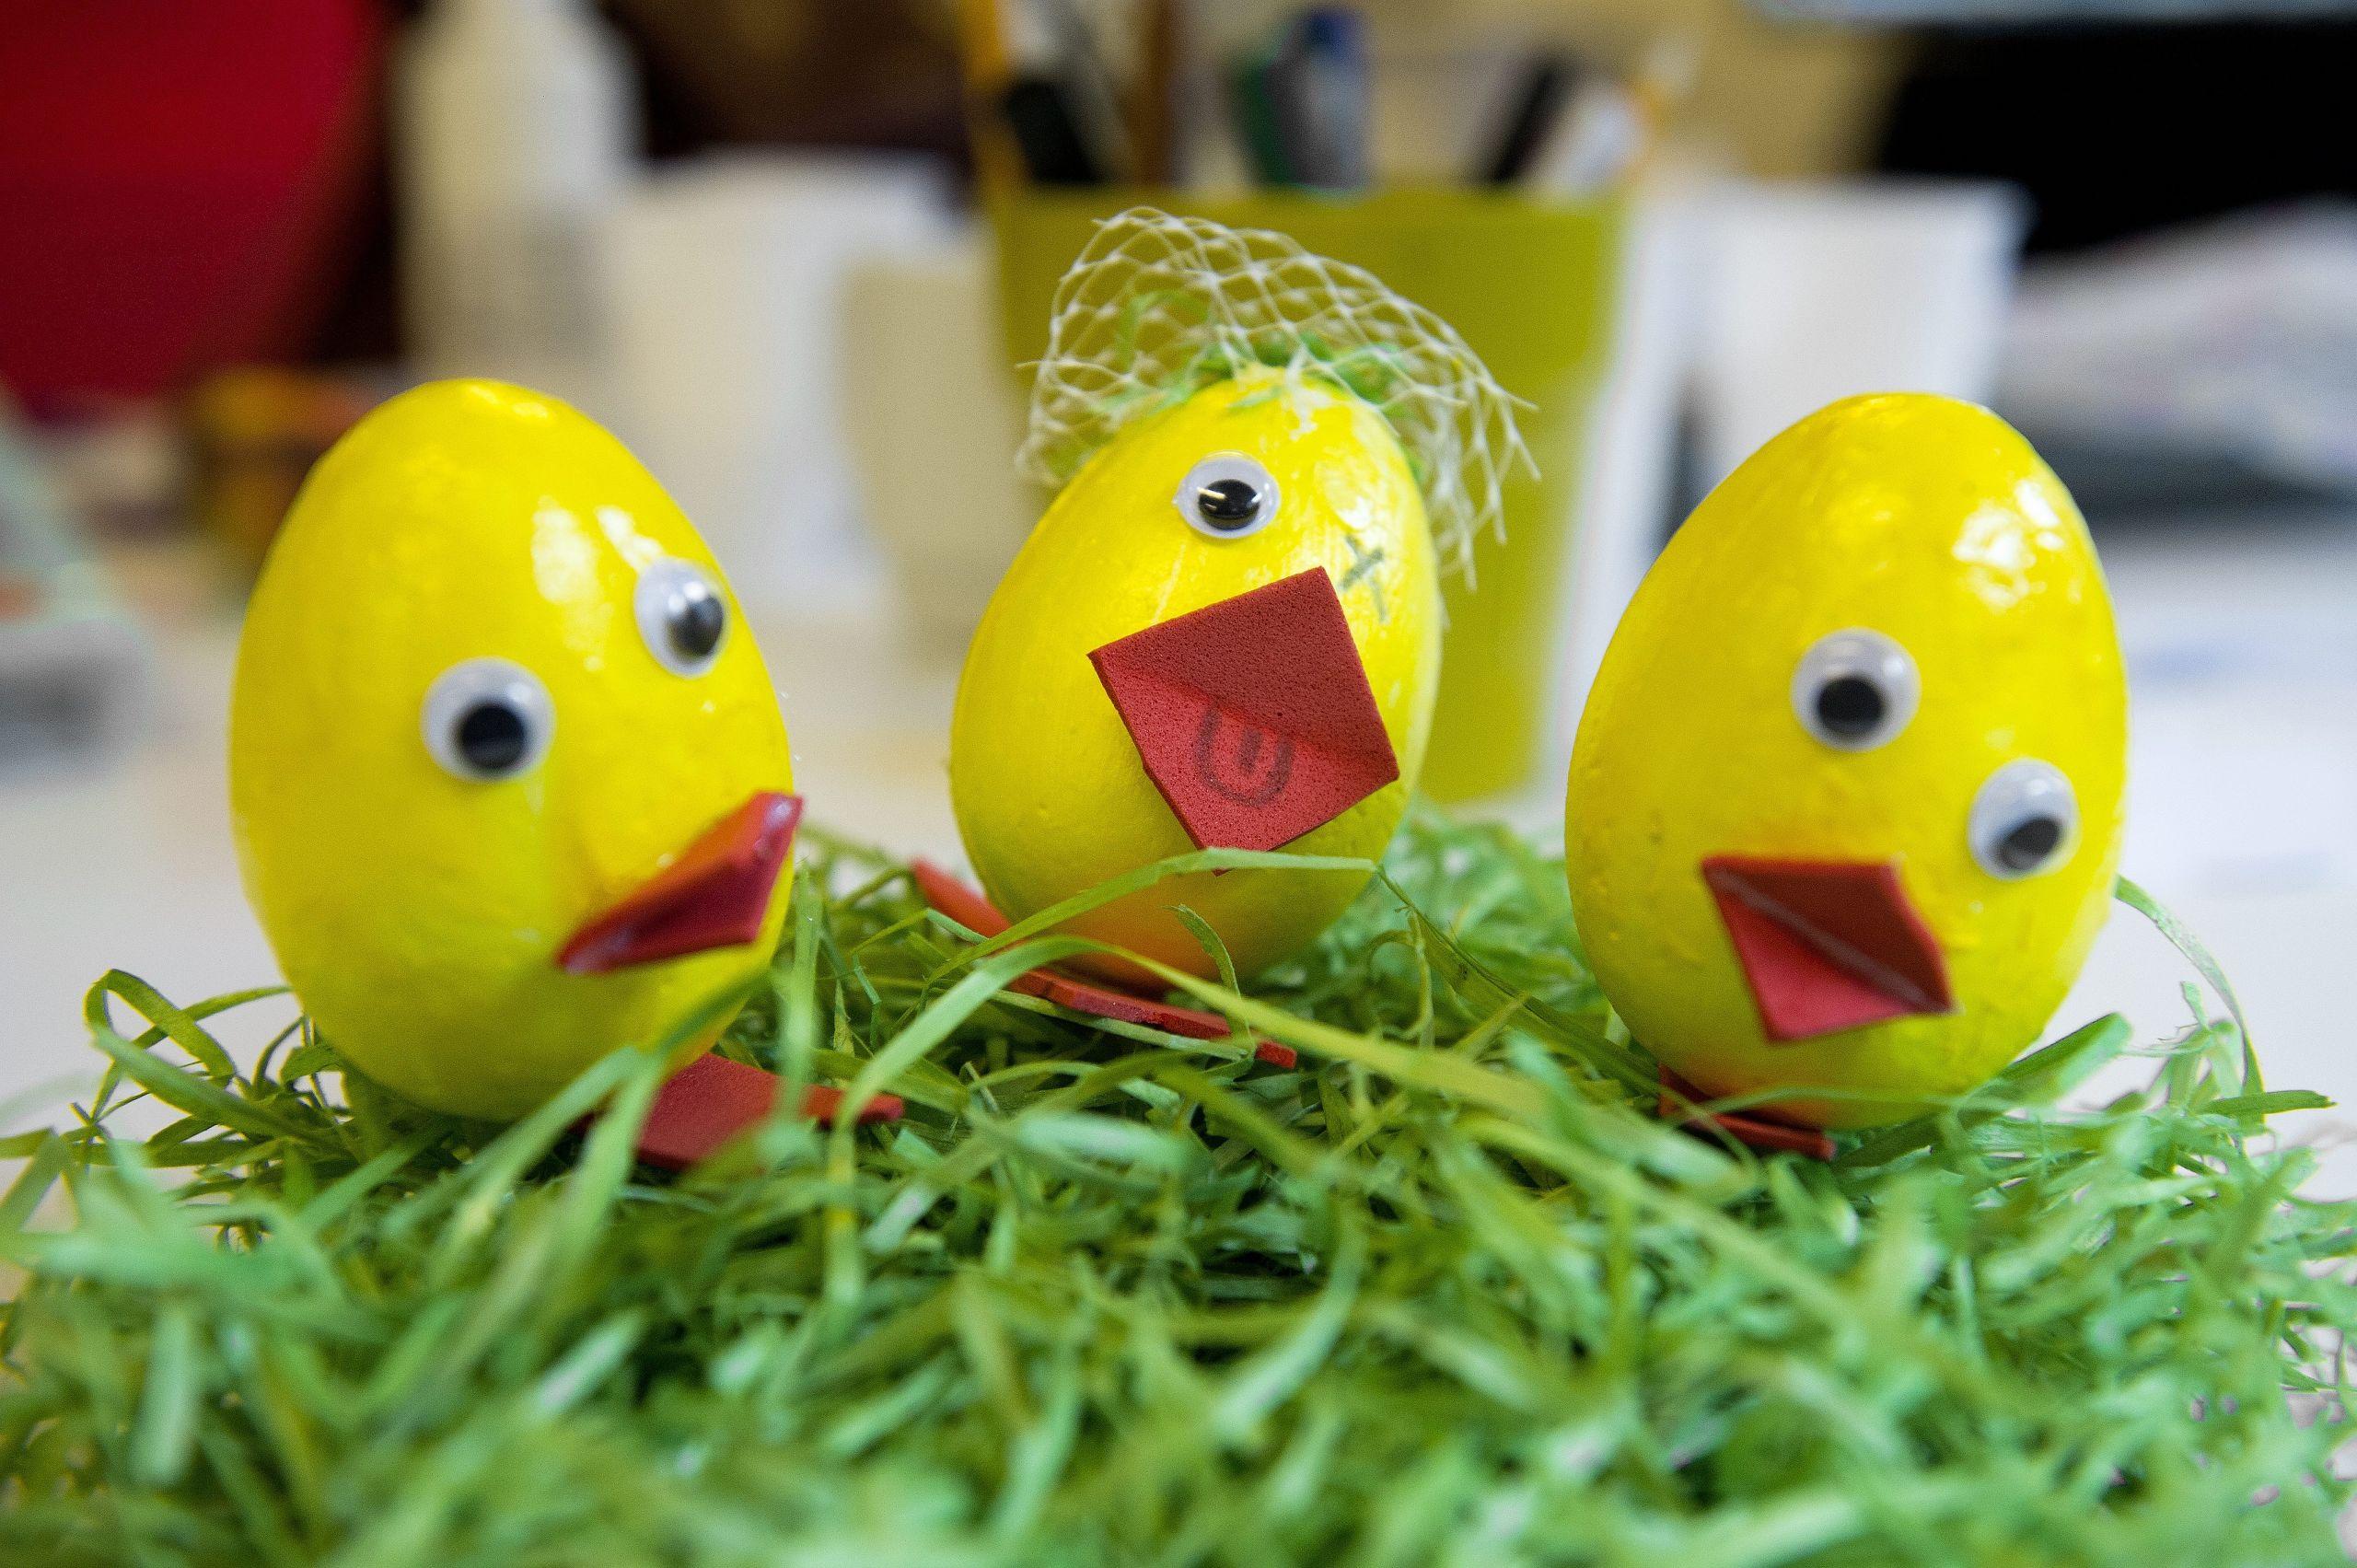 Få ny energi i påskedagene med sjove aktiviteter for hele familien. Arkivfoto: Henrik Bo